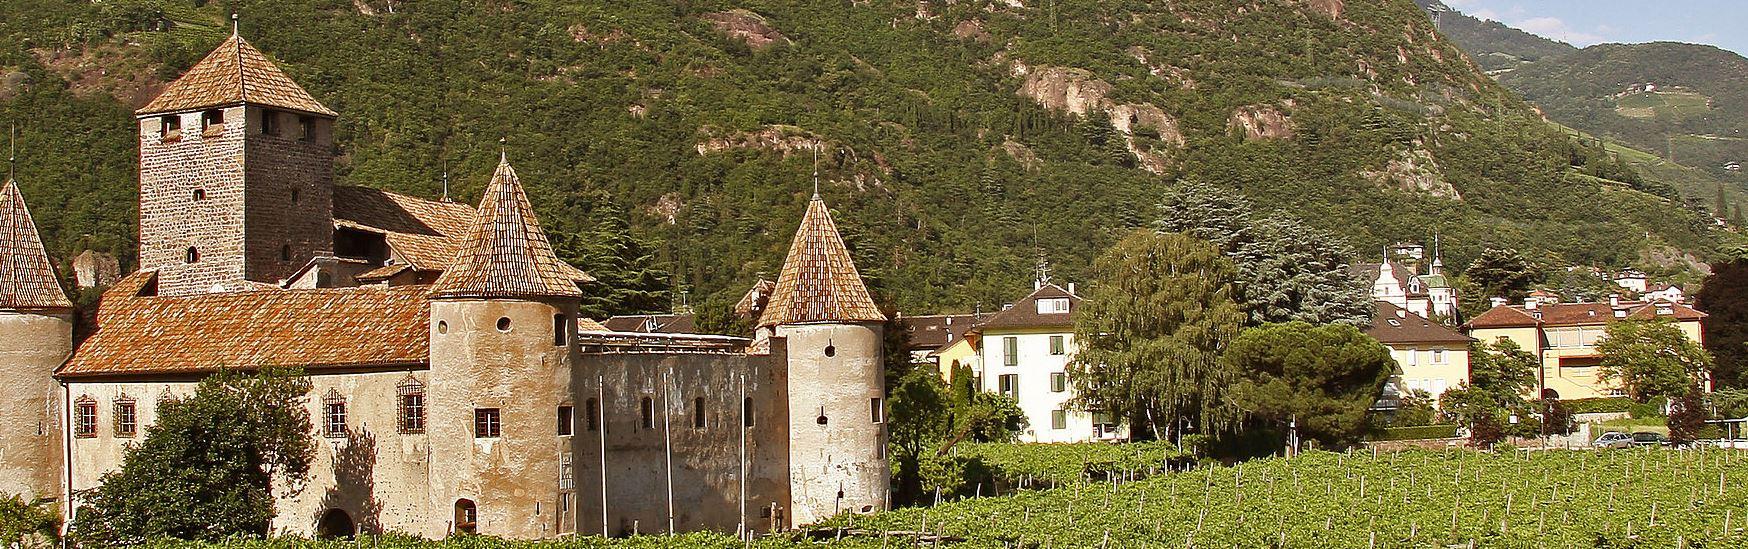 Castillo de Mareccio